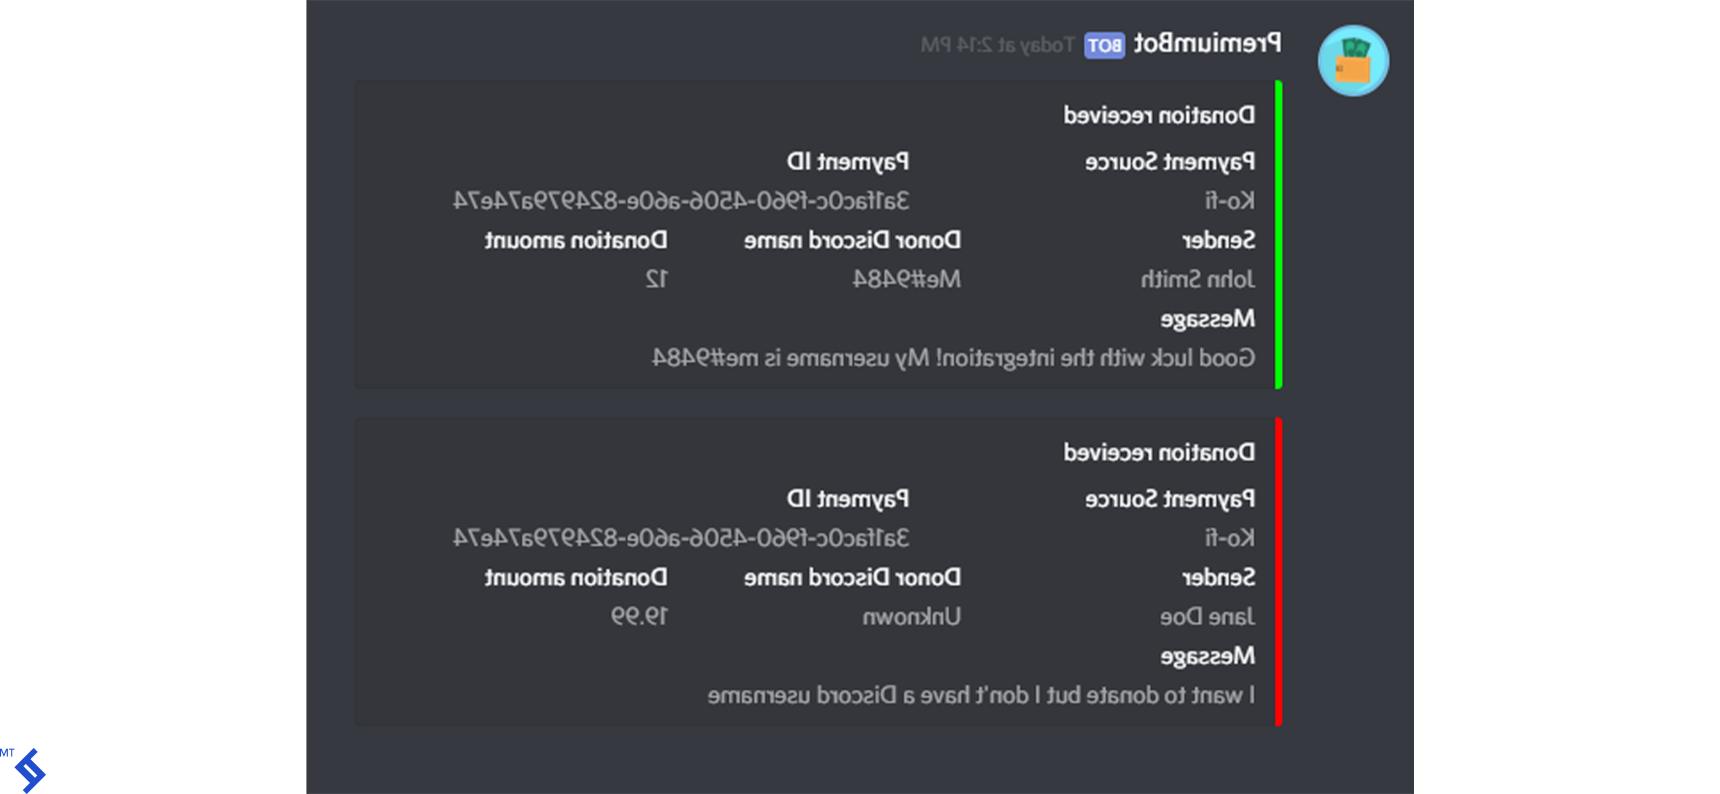 Comment créer un bot discord